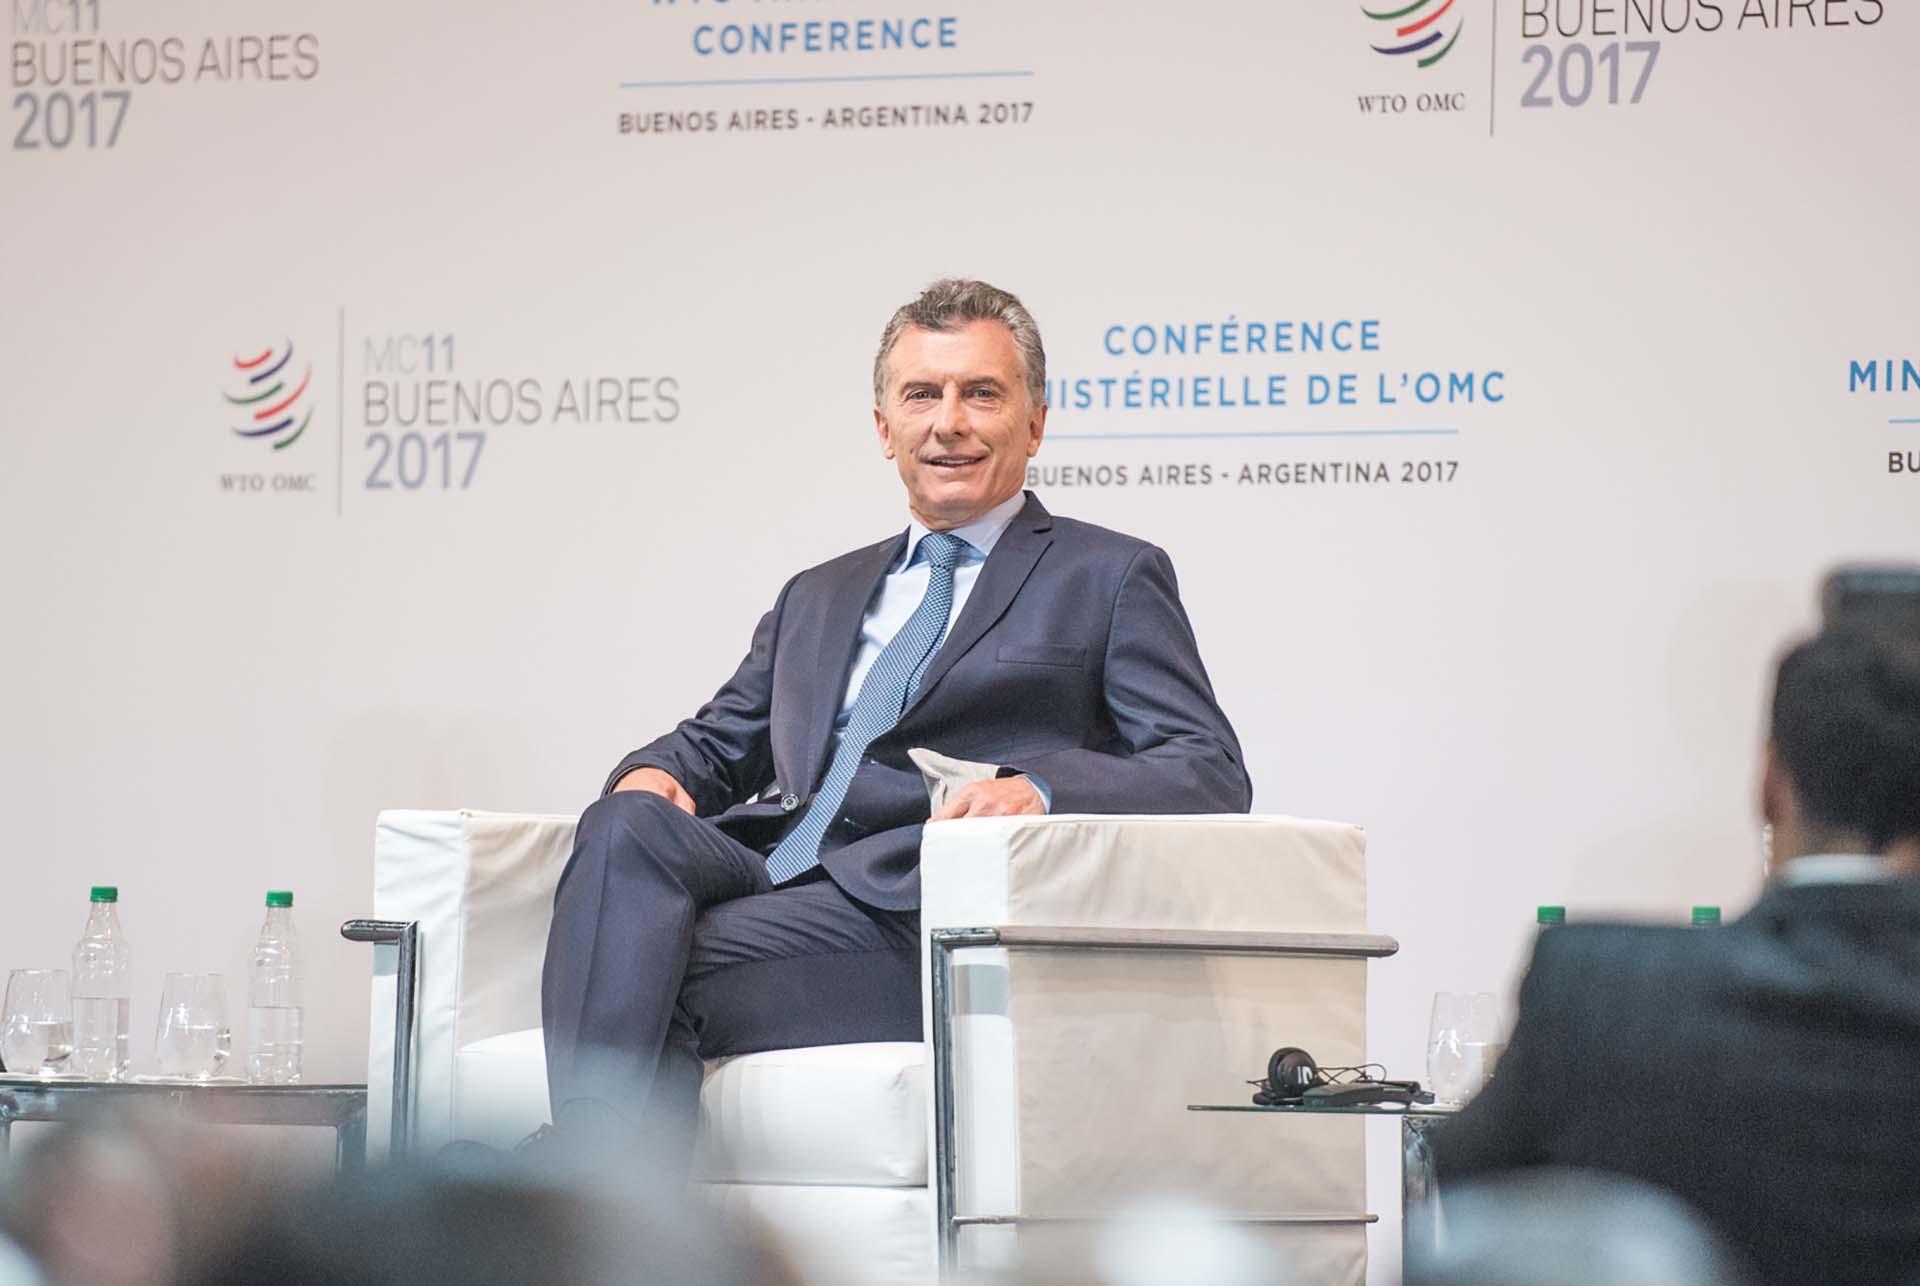 """El mandatario argentino afirmó que """"vivimos una época de profundas transformaciones globales"""""""